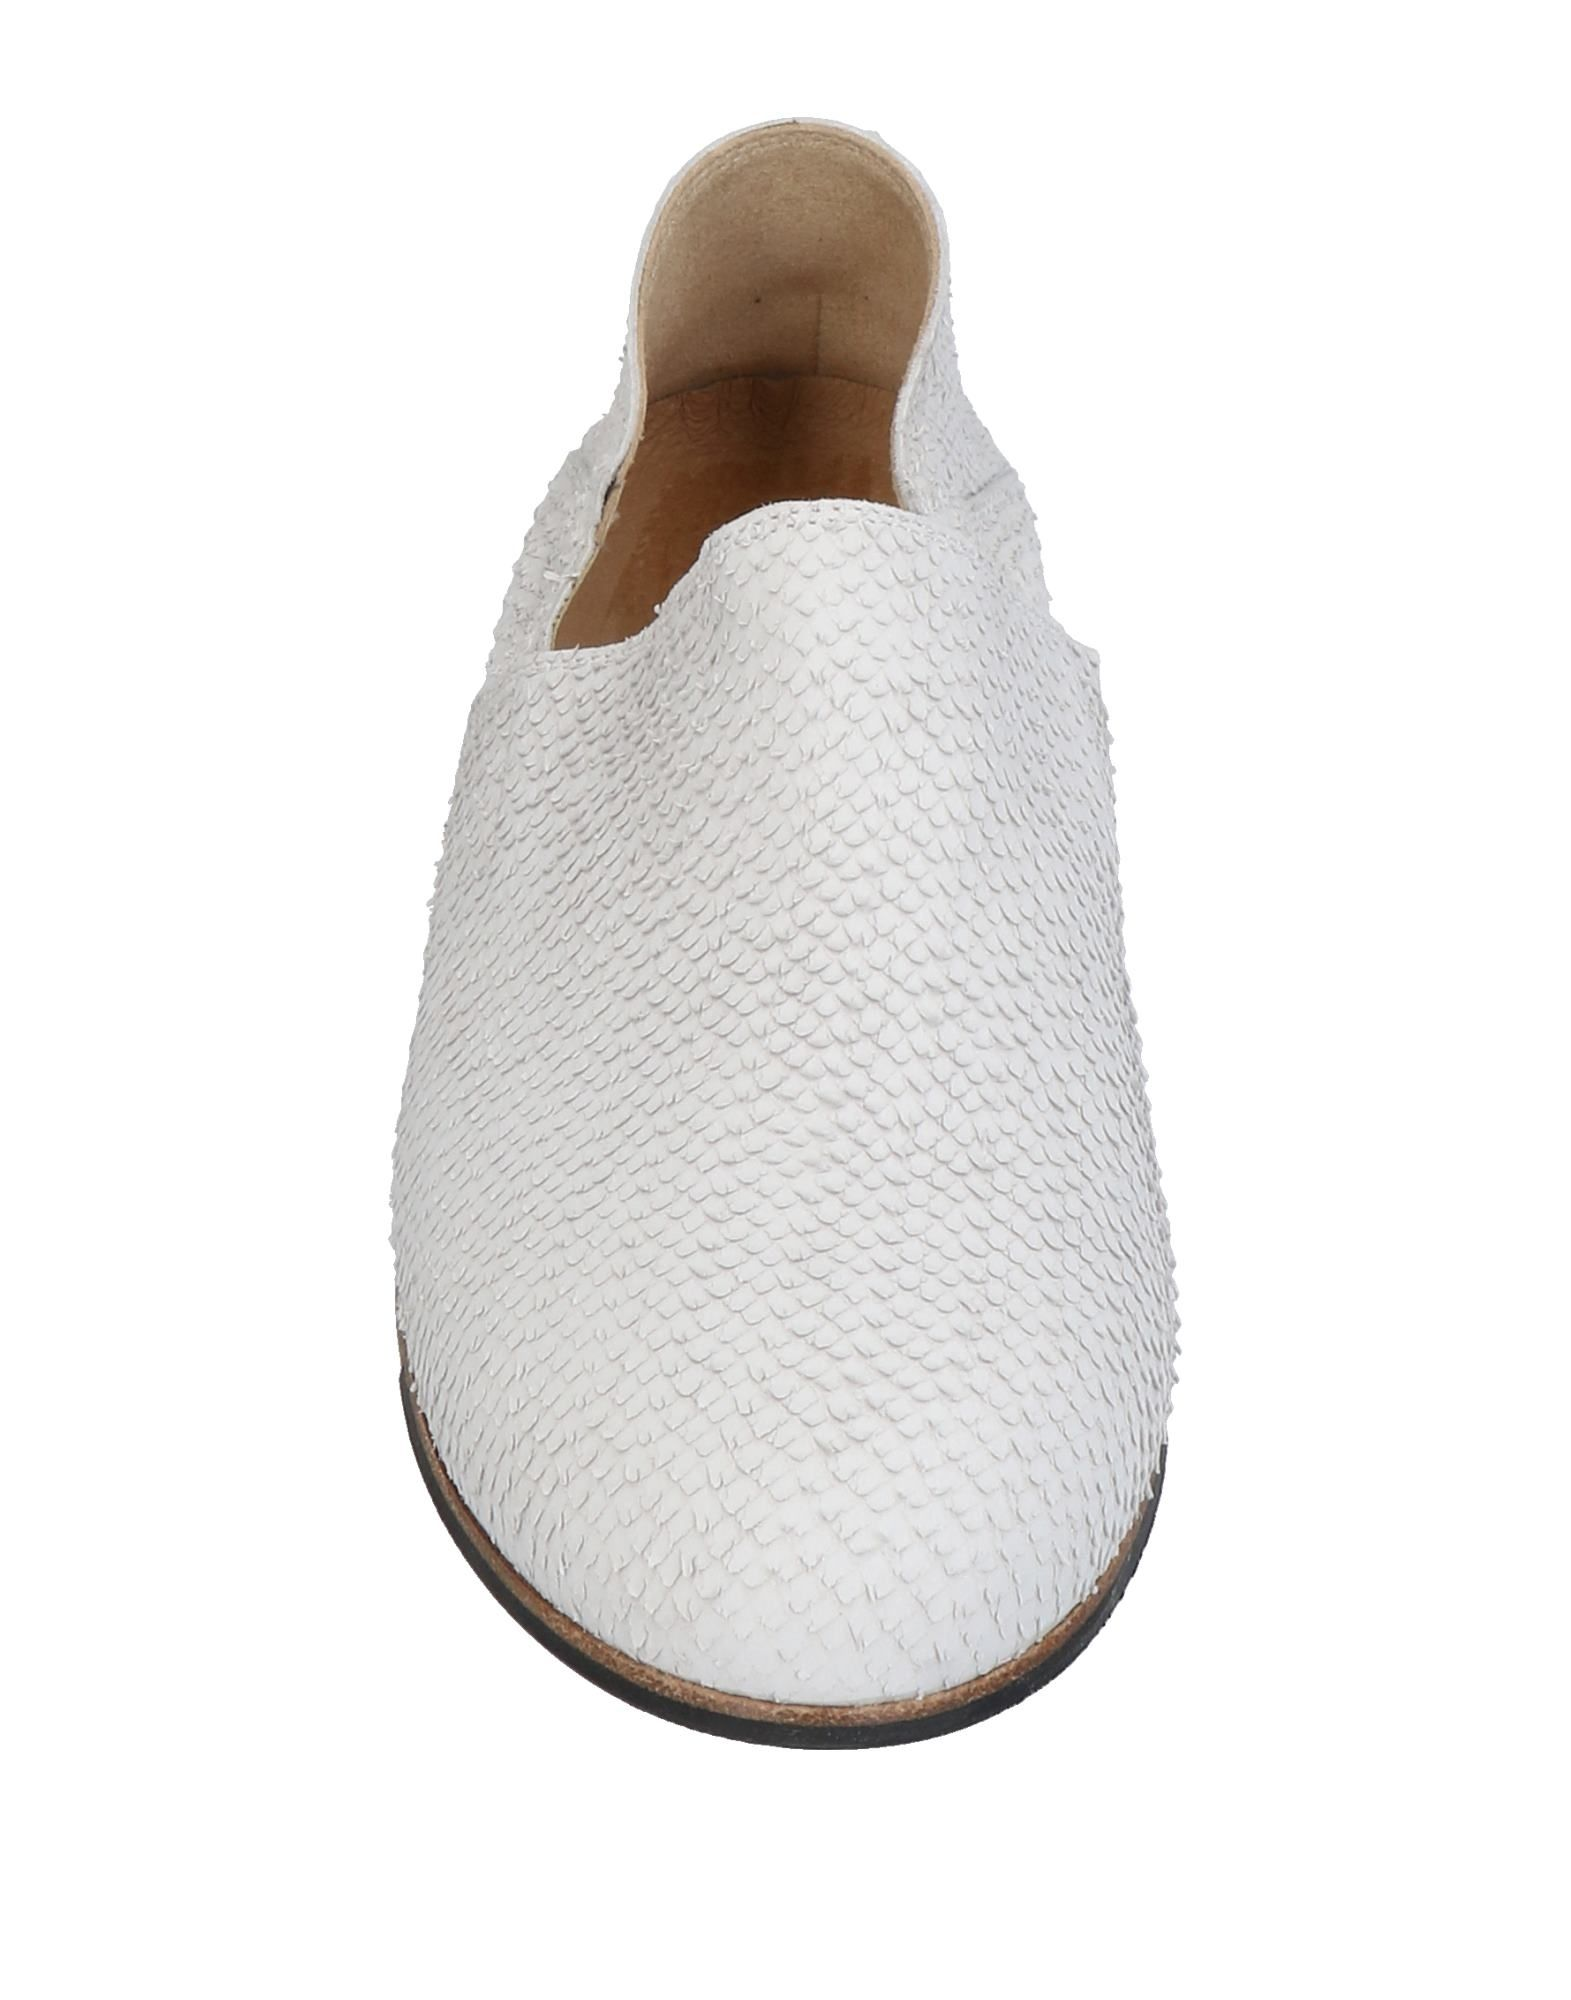 O.X.S. Mokassins Herren  Schuhe 11118479ED Gute Qualität beliebte Schuhe  e856a3